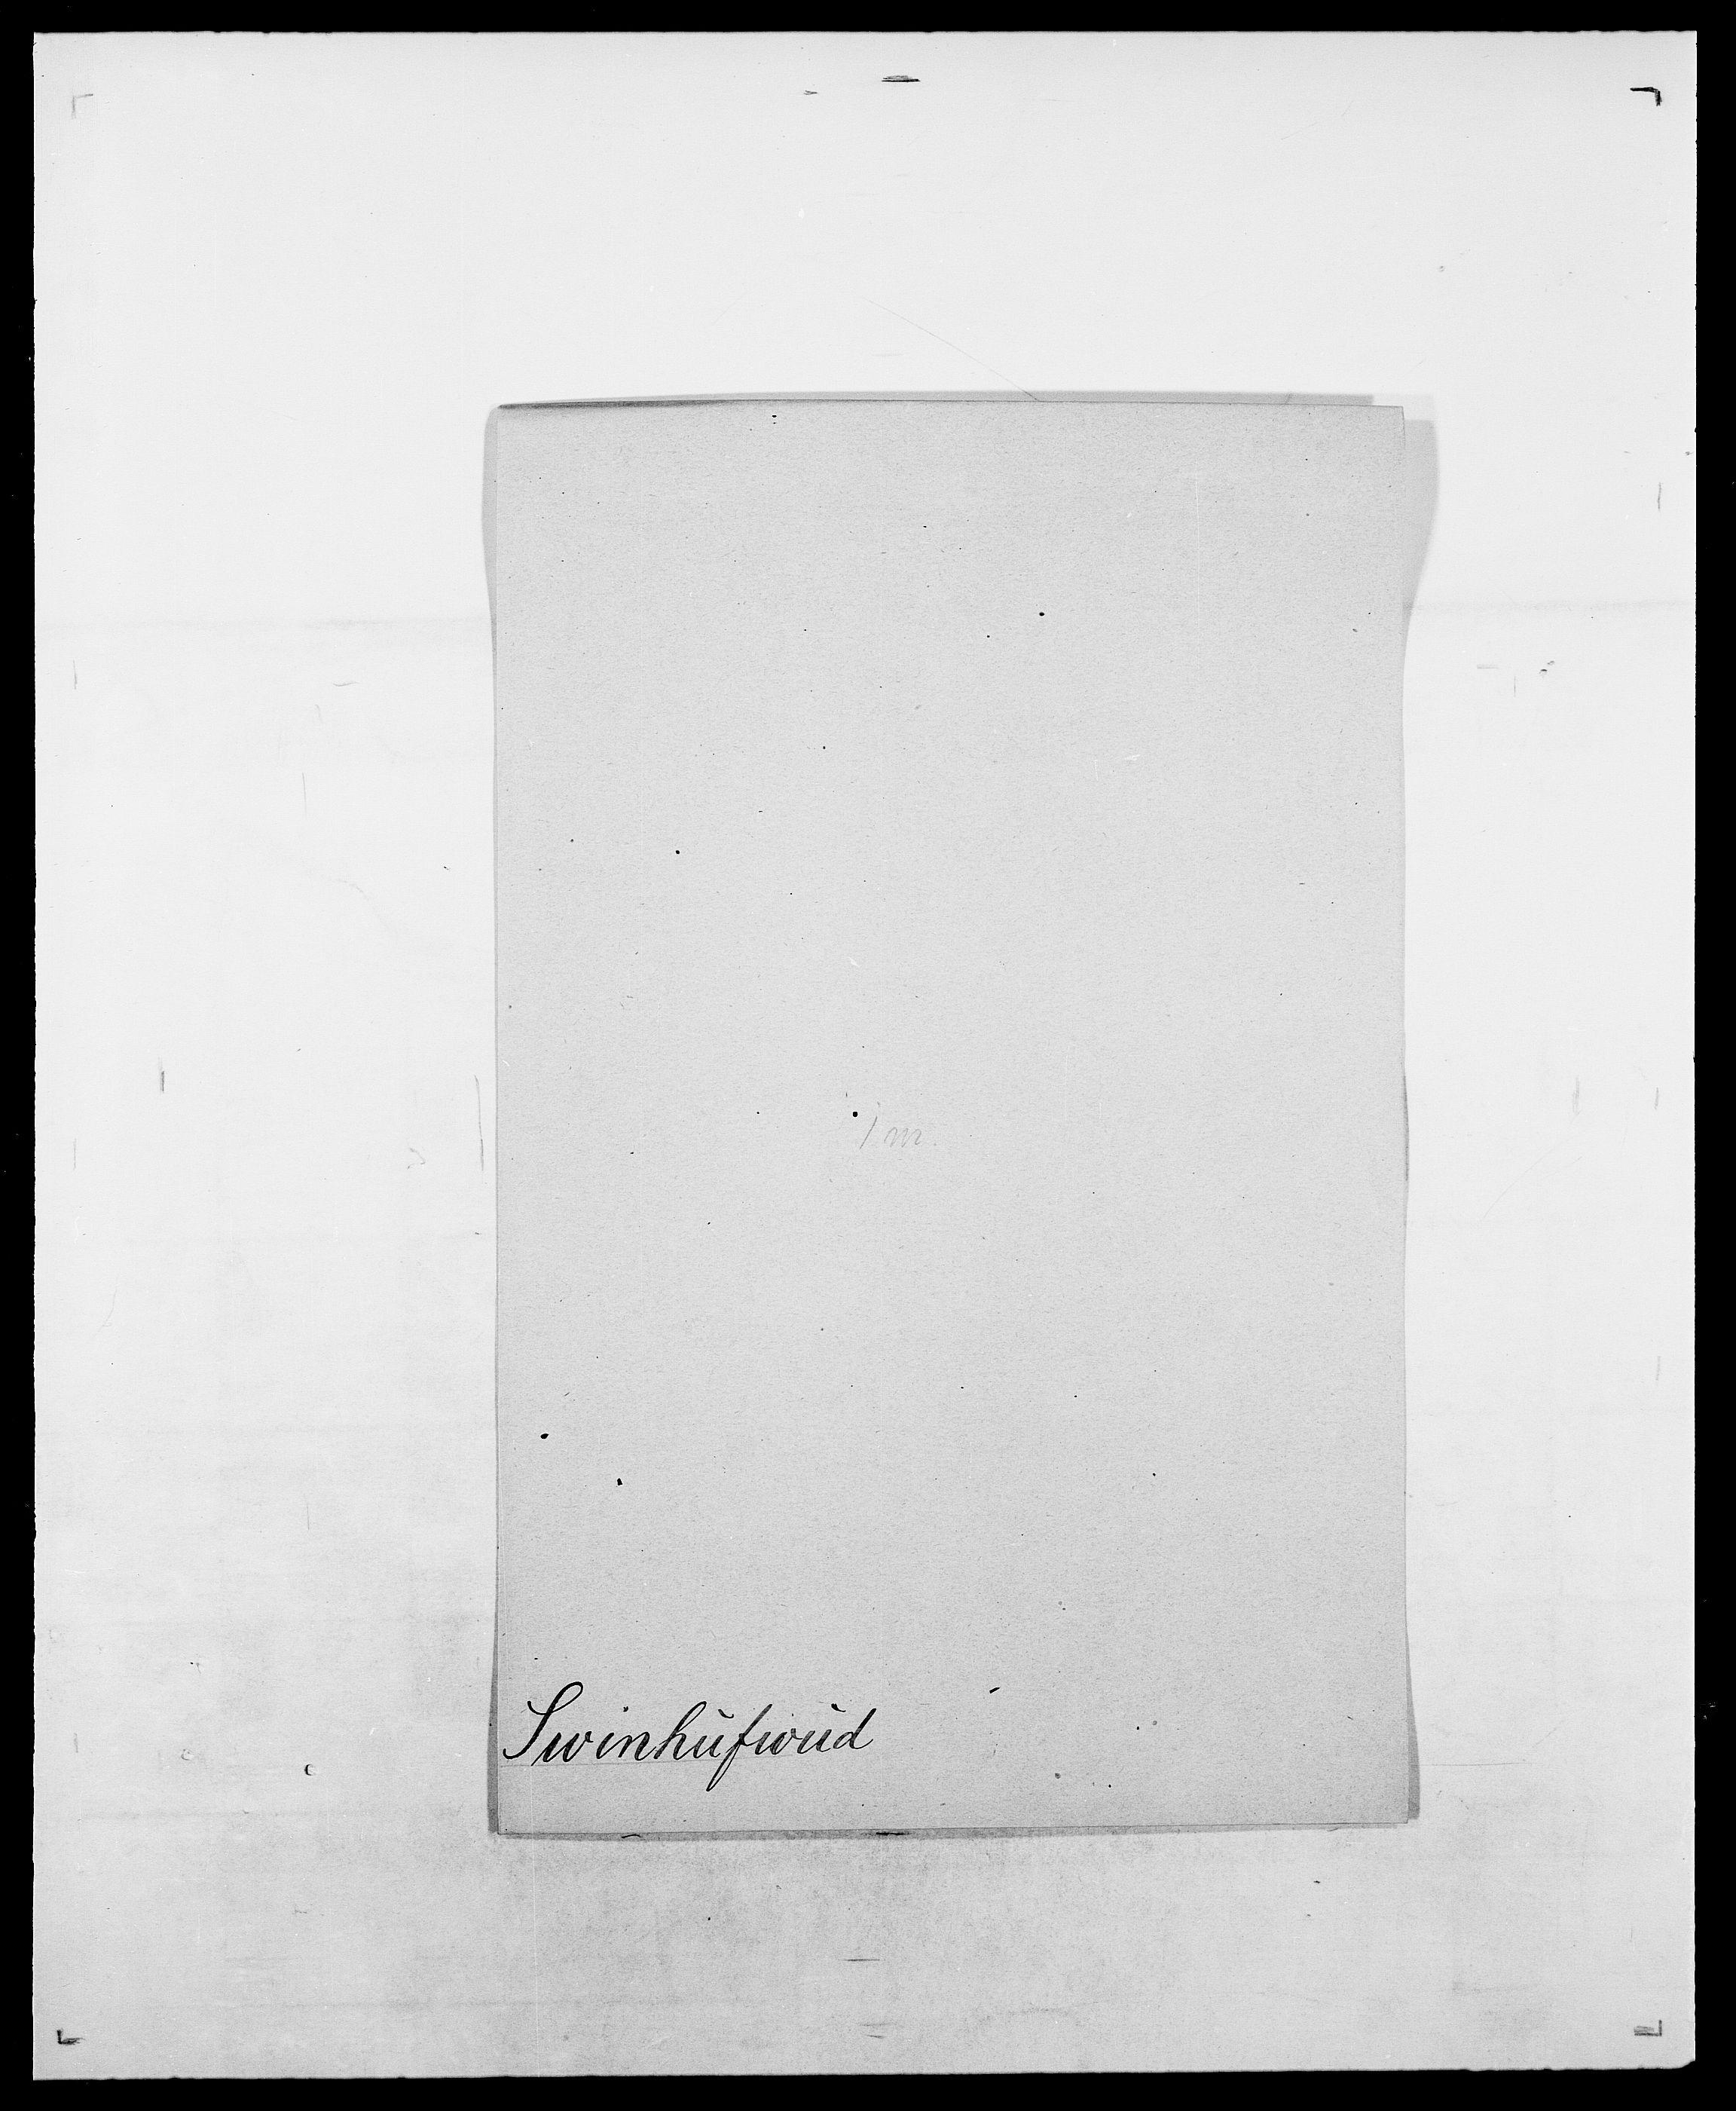 SAO, Delgobe, Charles Antoine - samling, D/Da/L0038: Svanenskjold - Thornsohn, s. 84